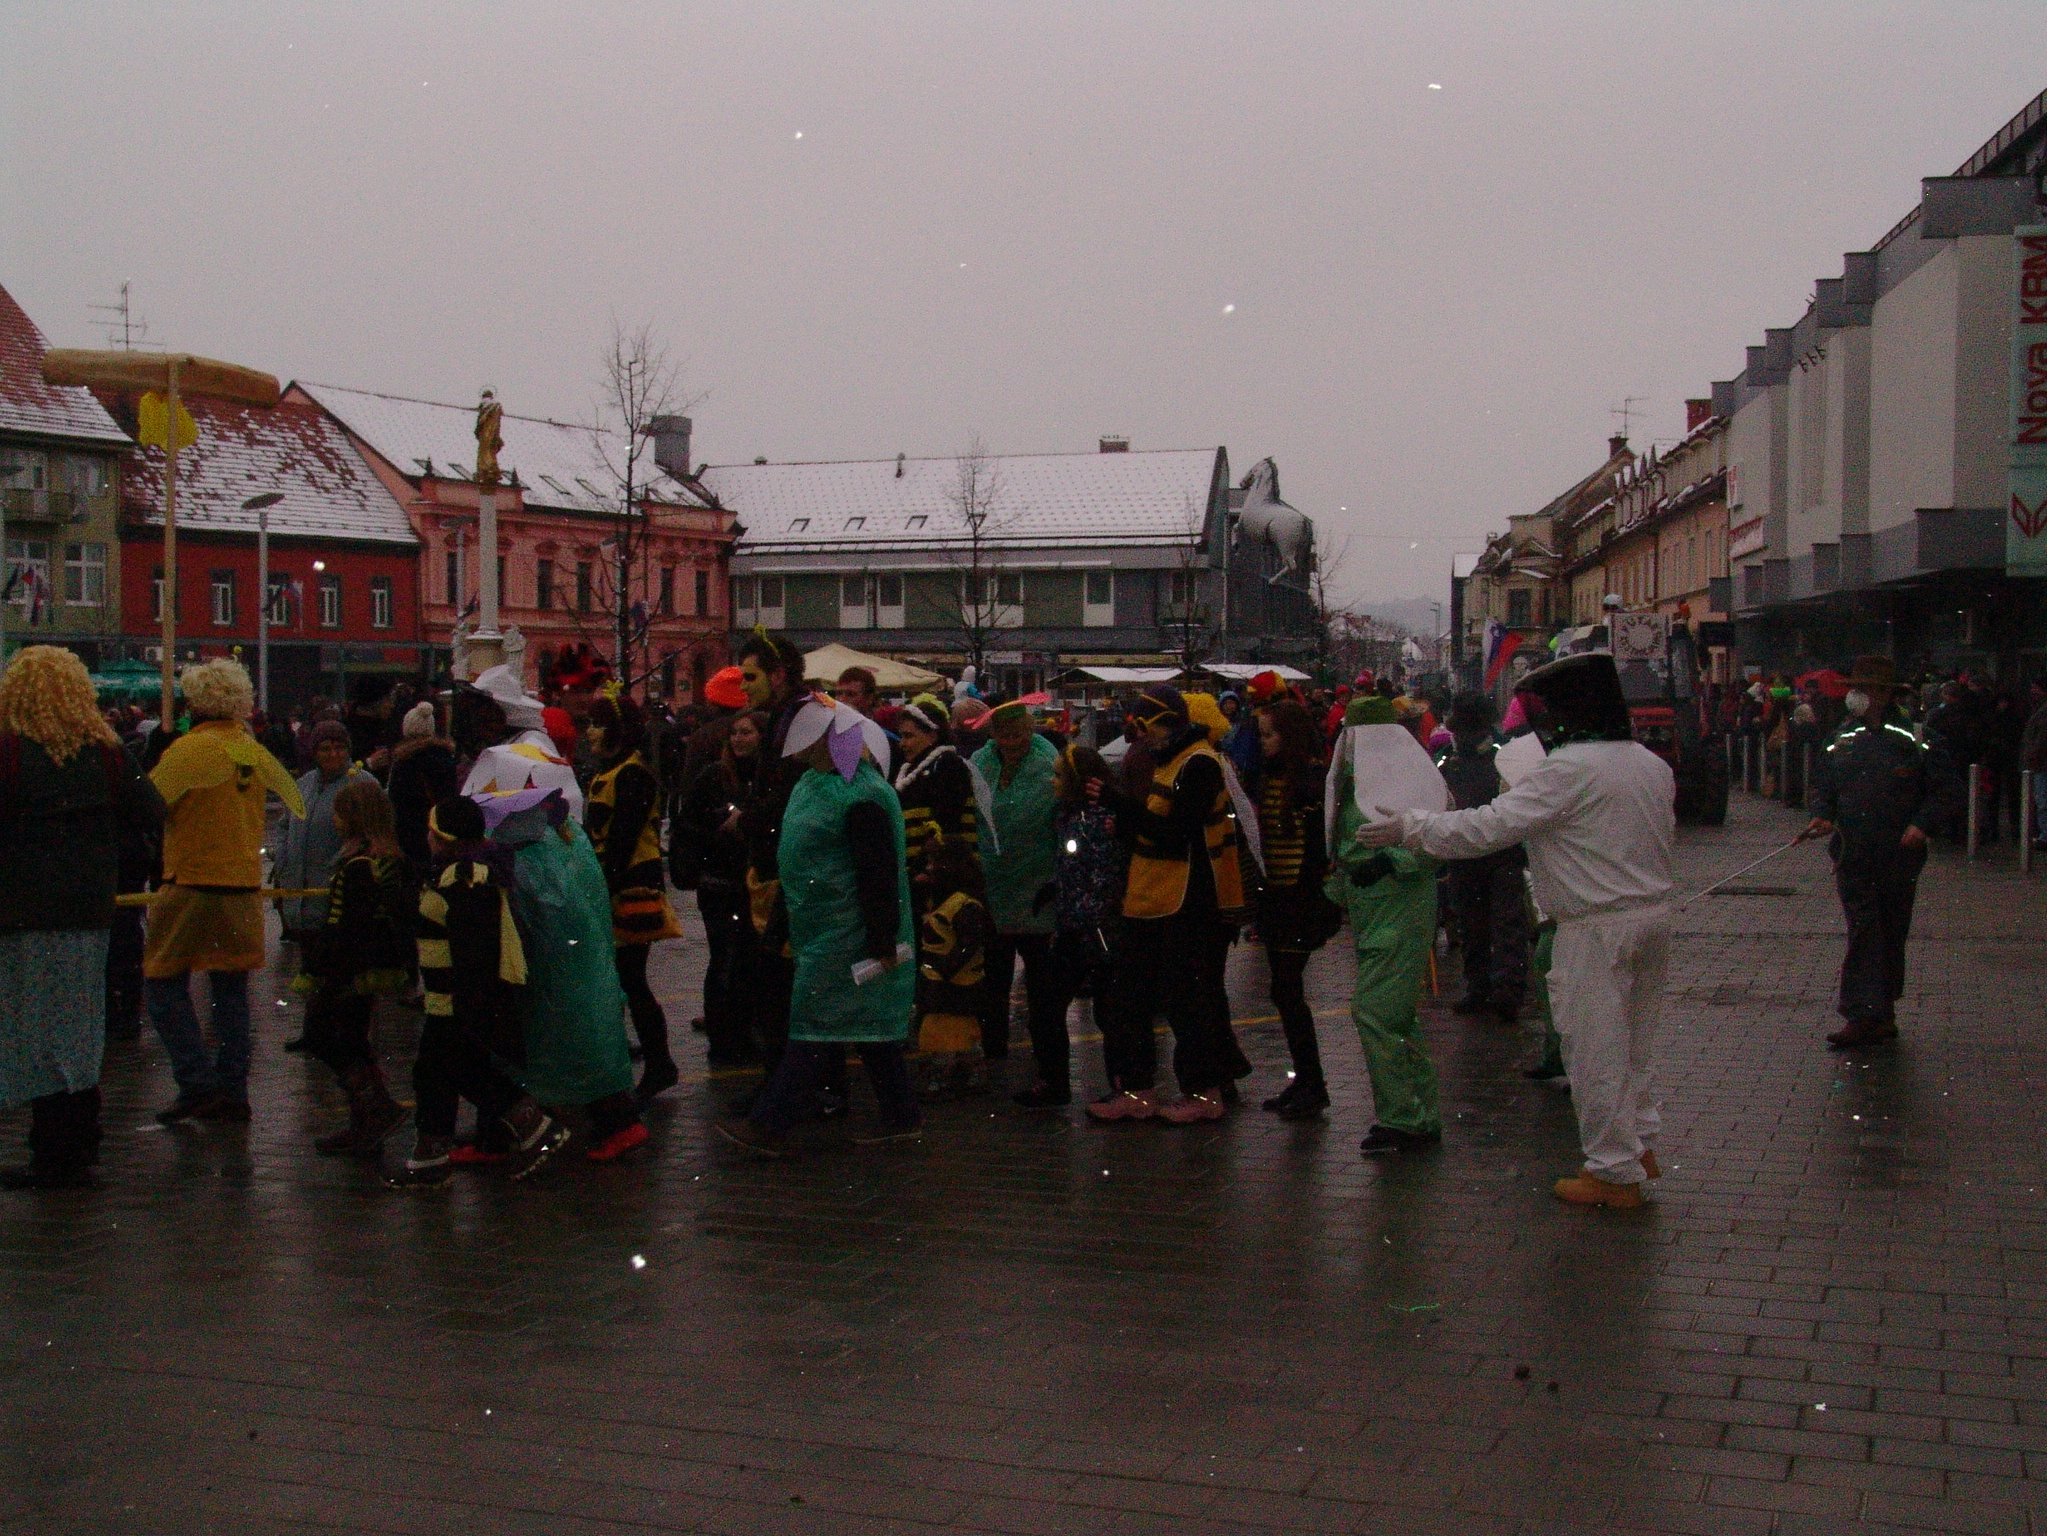 Pustna povorka na Glavnem trgu v Ljutomeru.